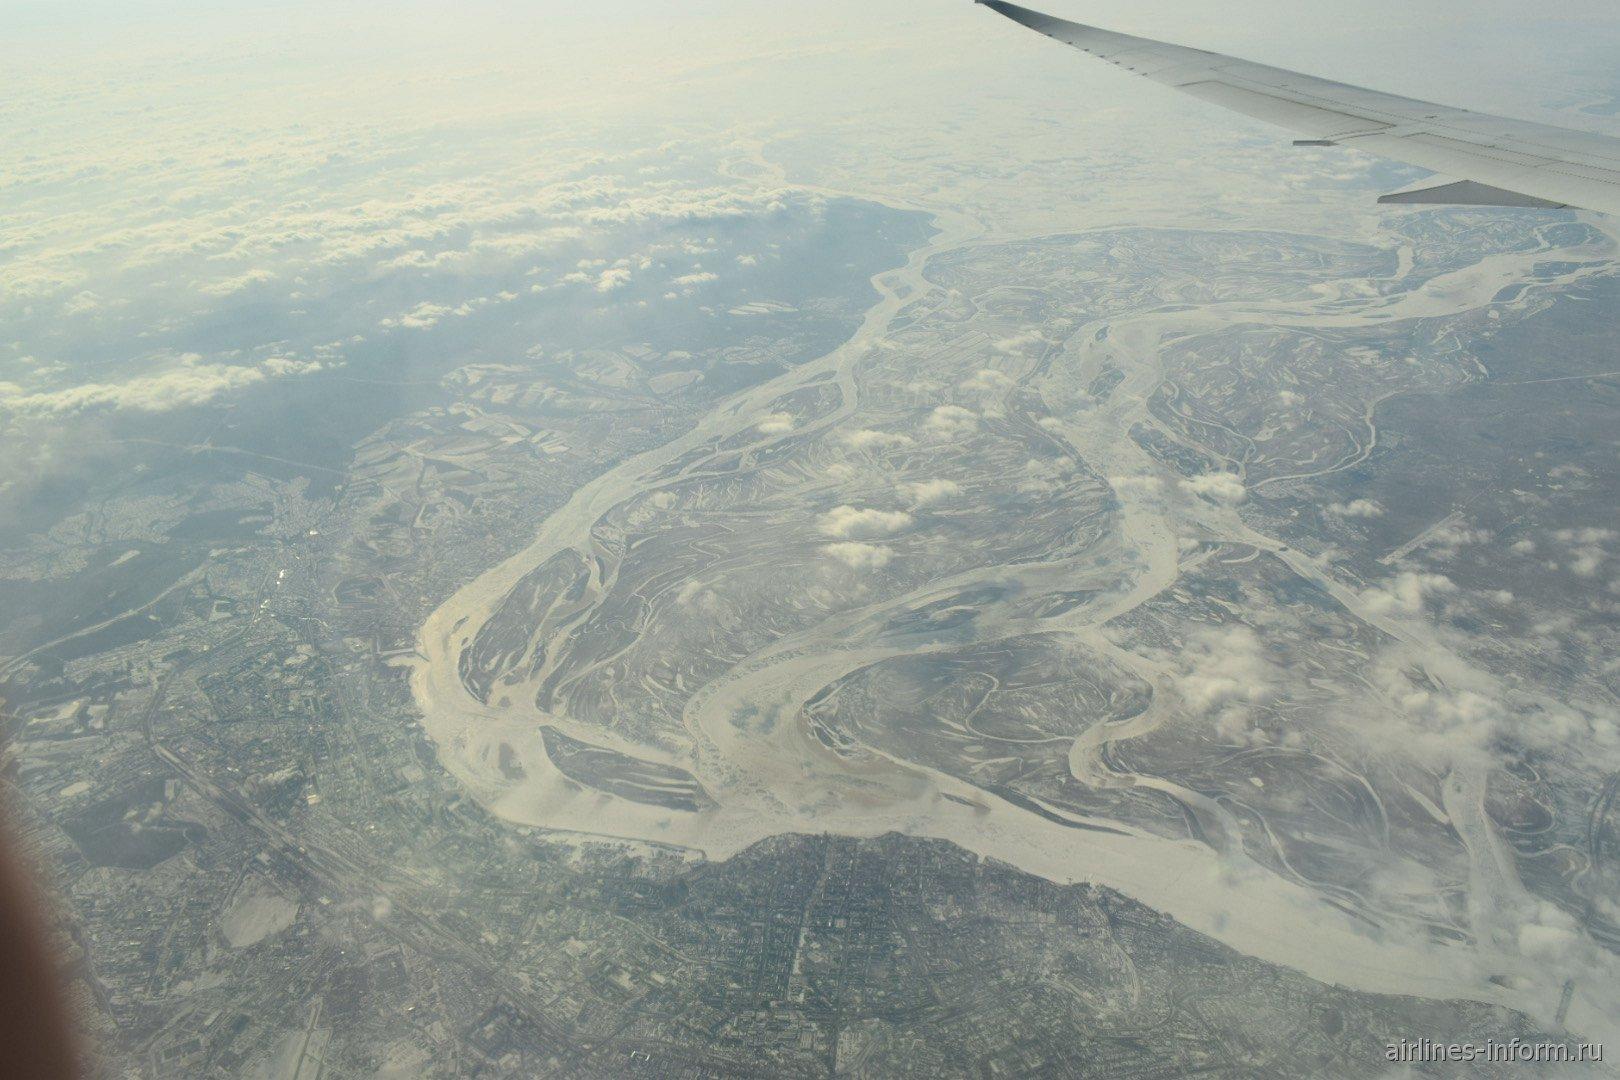 Вид из самолета на город Хабаровск